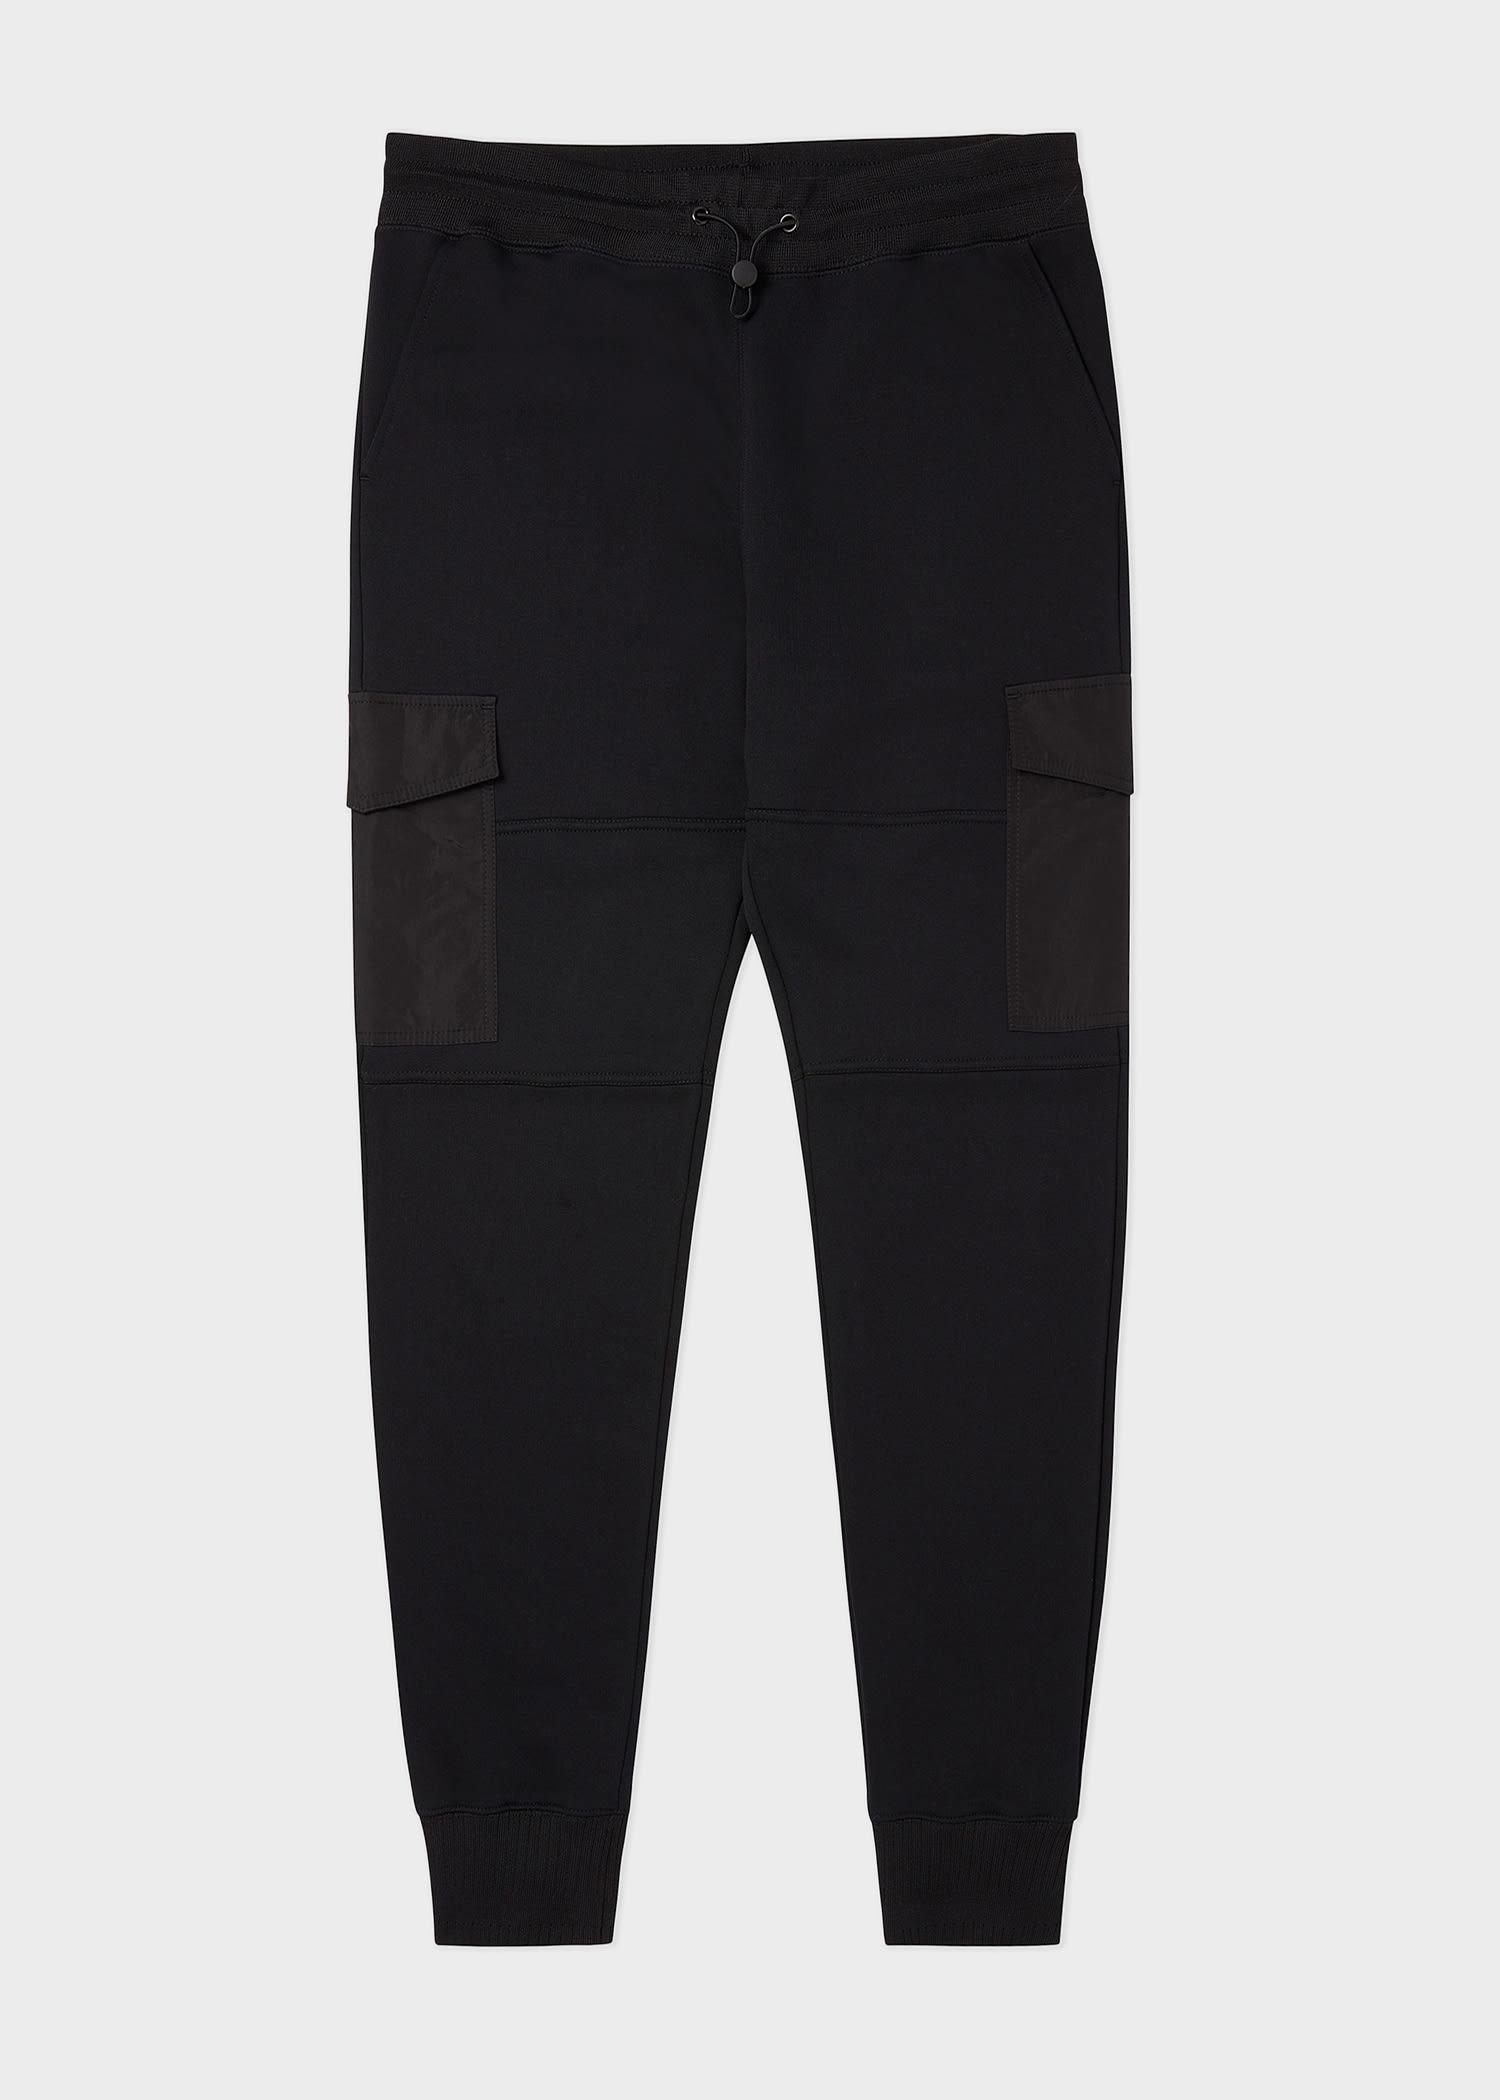 폴 스미스 스웻팬츠 Paul Smith Mens Black Organic Cotton Cargo-Pocket Sweatpants